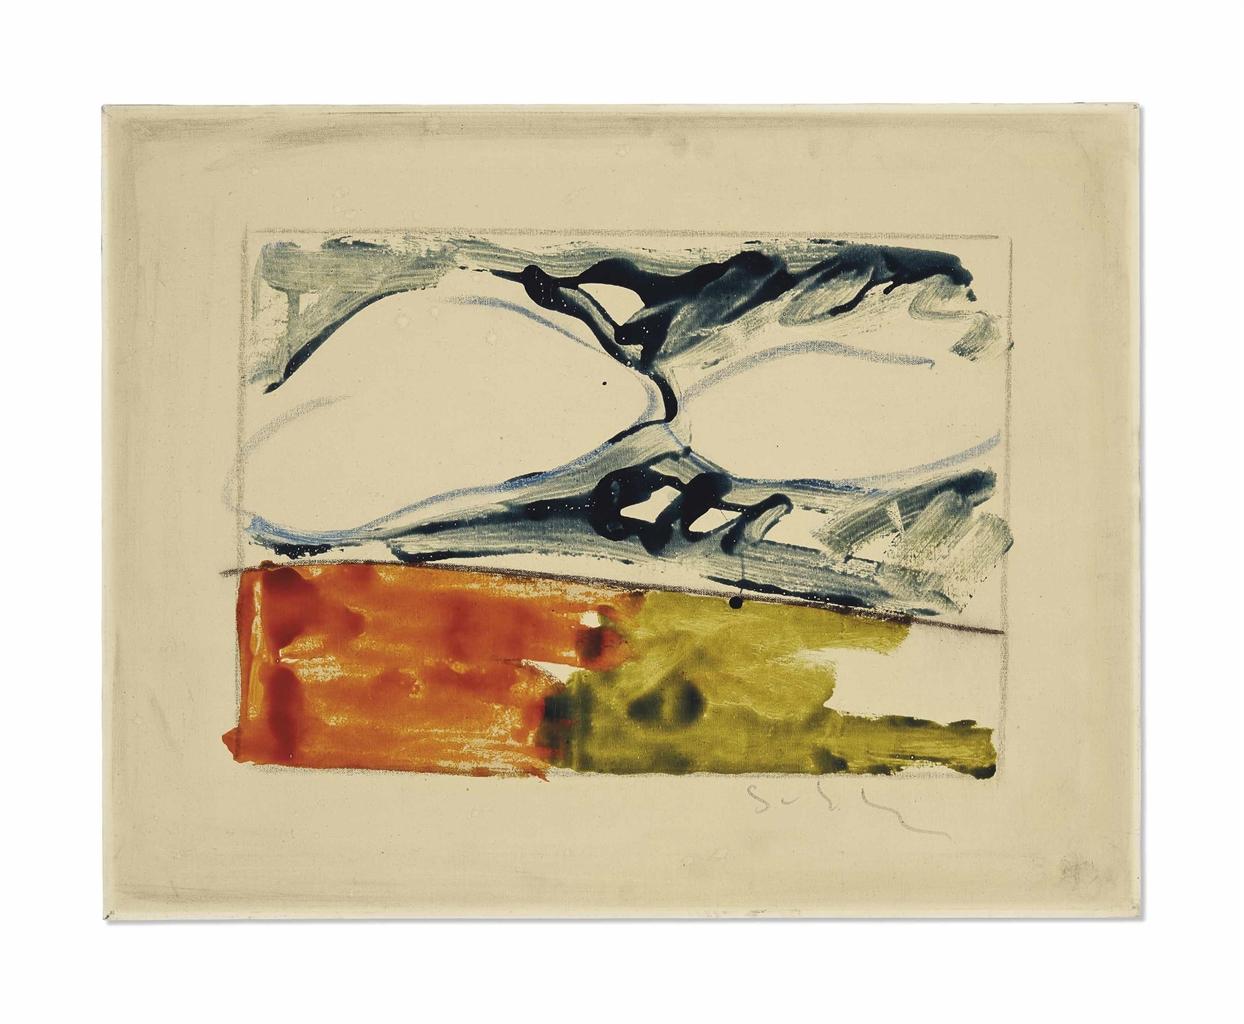 Mario Schifano-Untitled-1979